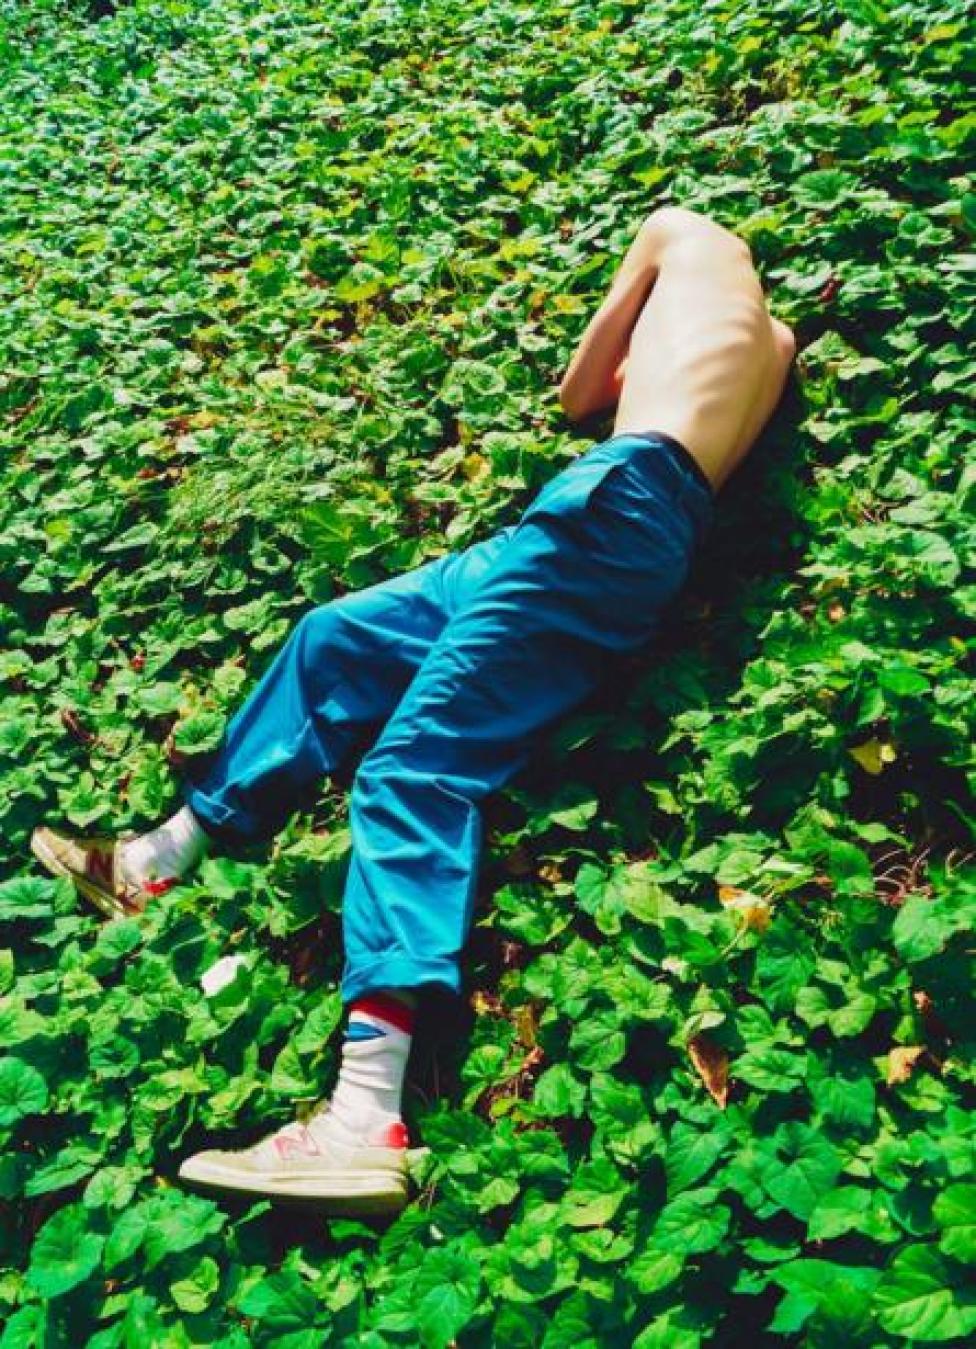 فتى مستلقٍ فوق مزروعات